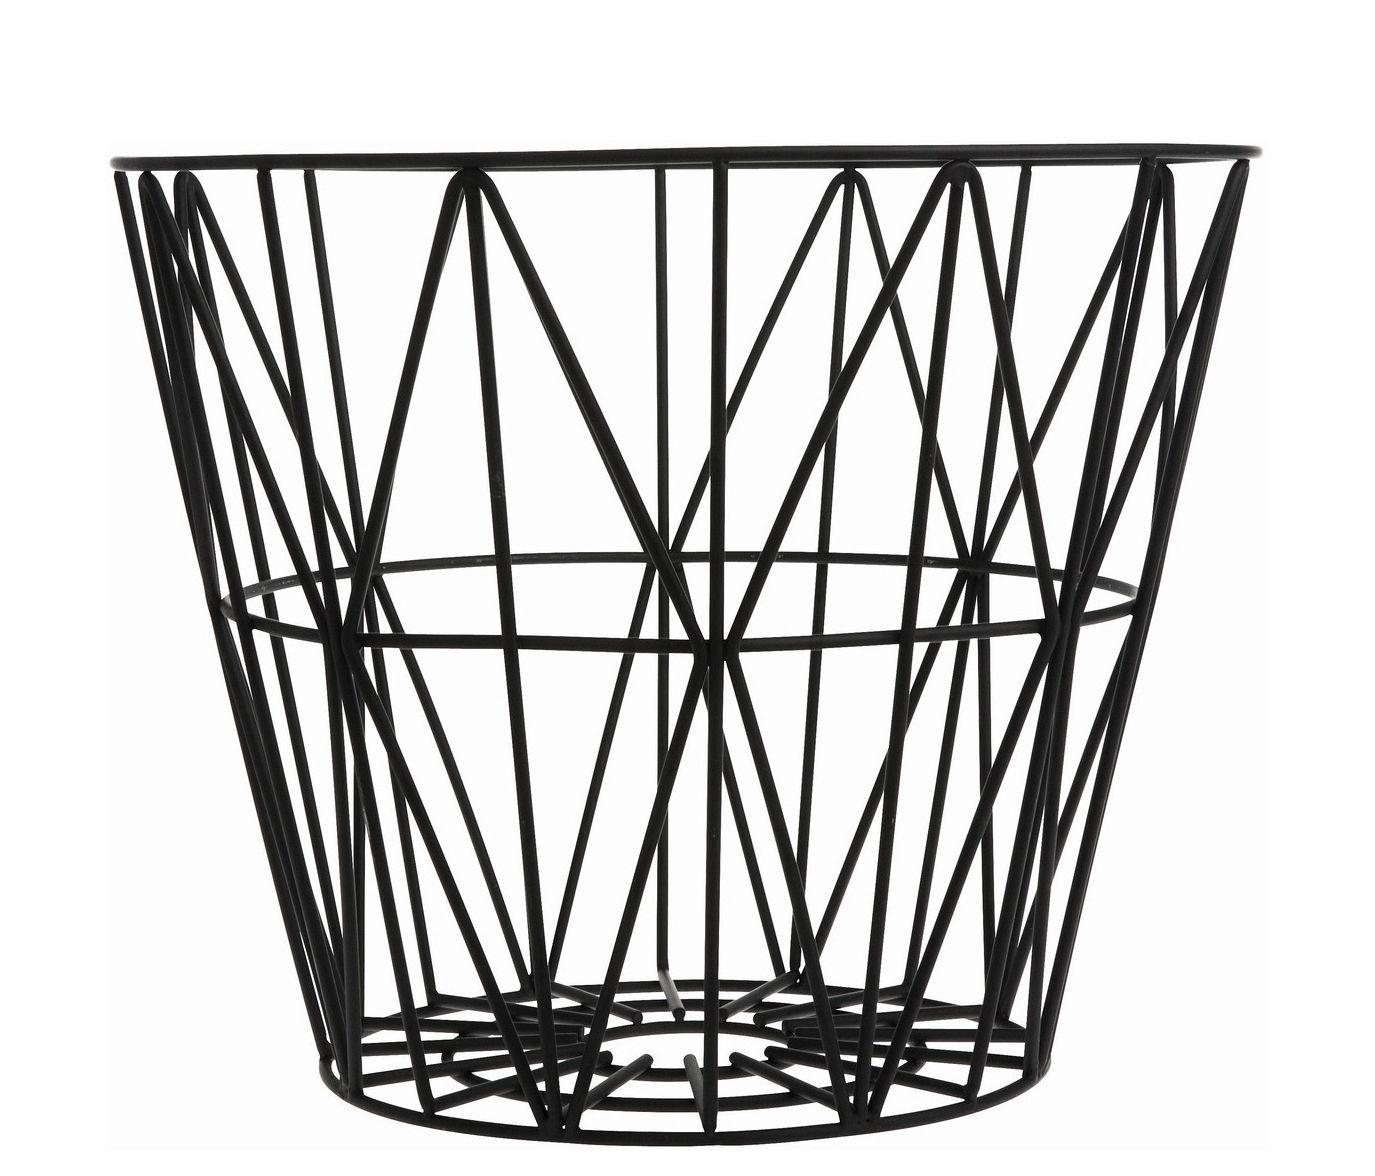 Déco - Salle de bains - Corbeille Wire Small / Ø 40 x H 35 cm - Ferm Living - Noir - Fil de fer laqué